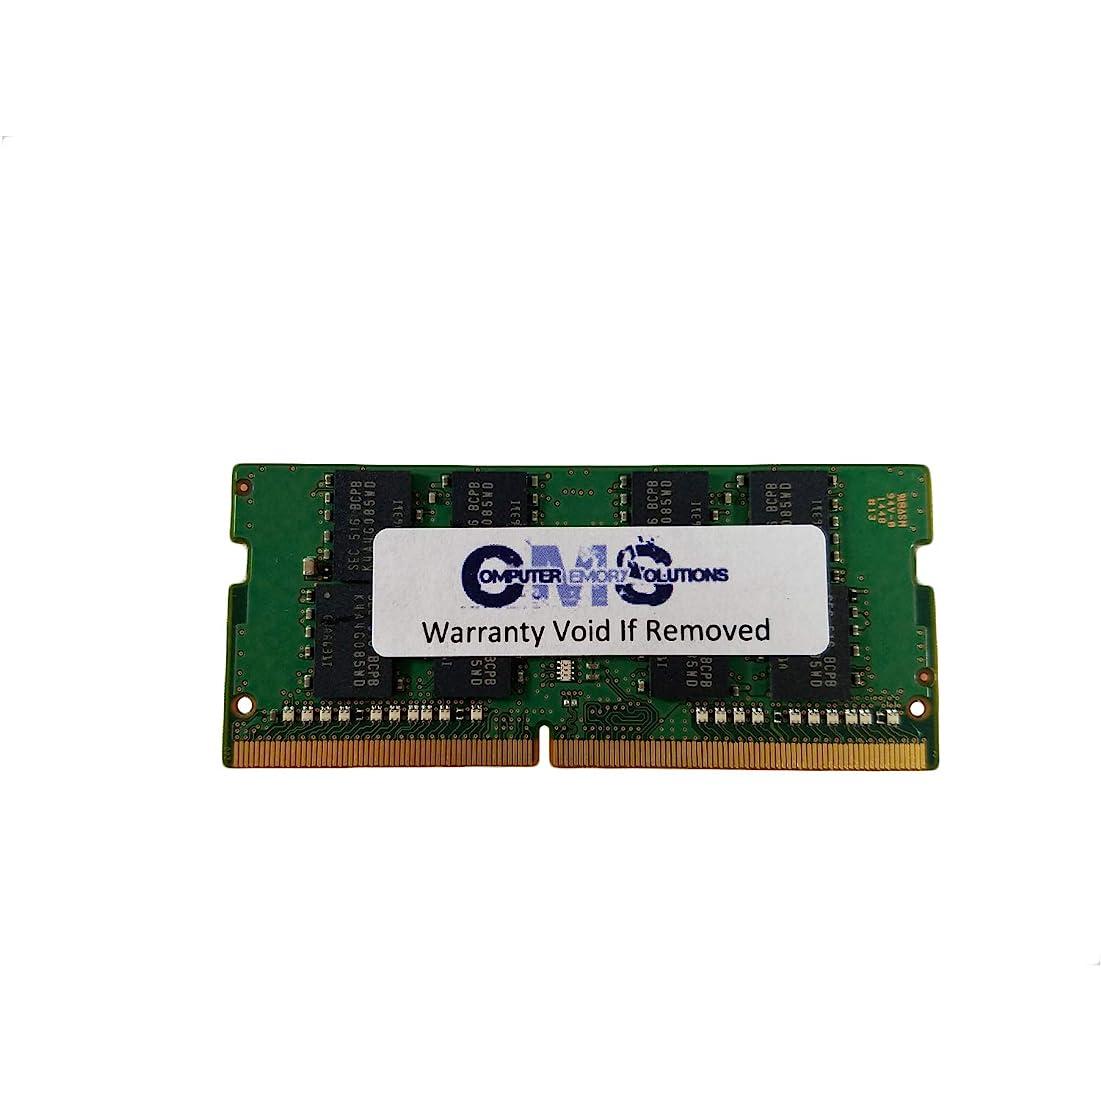 モンキー寄り添う踏みつけ16GB (1X16GB) RAM メモリー Toshiba Tecra X40-00K, X40-01D, X40-01E, X40-D-10Z, X40-E シリーズに対応 CMS C107